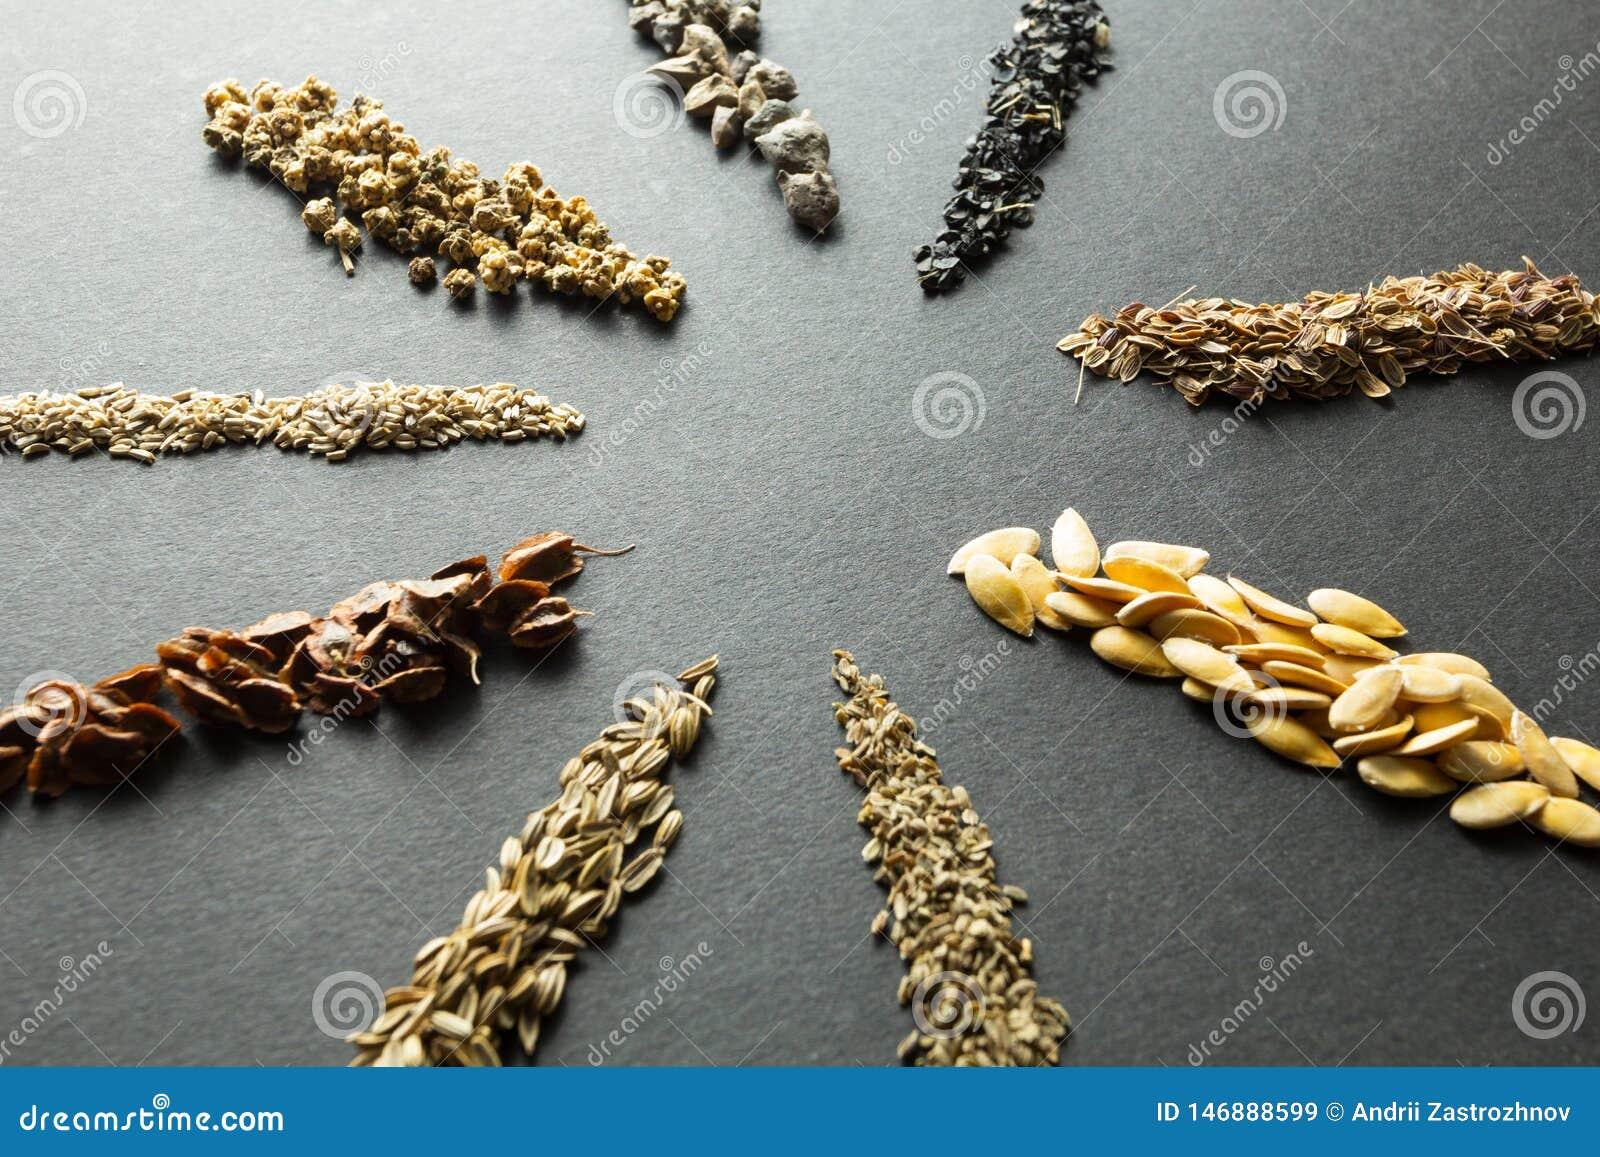 Samling av organiskt frö för att plantera i jorden: rabarber sallad, beta, spenat, lök, dill, melon, morot, fänkål som isoleras